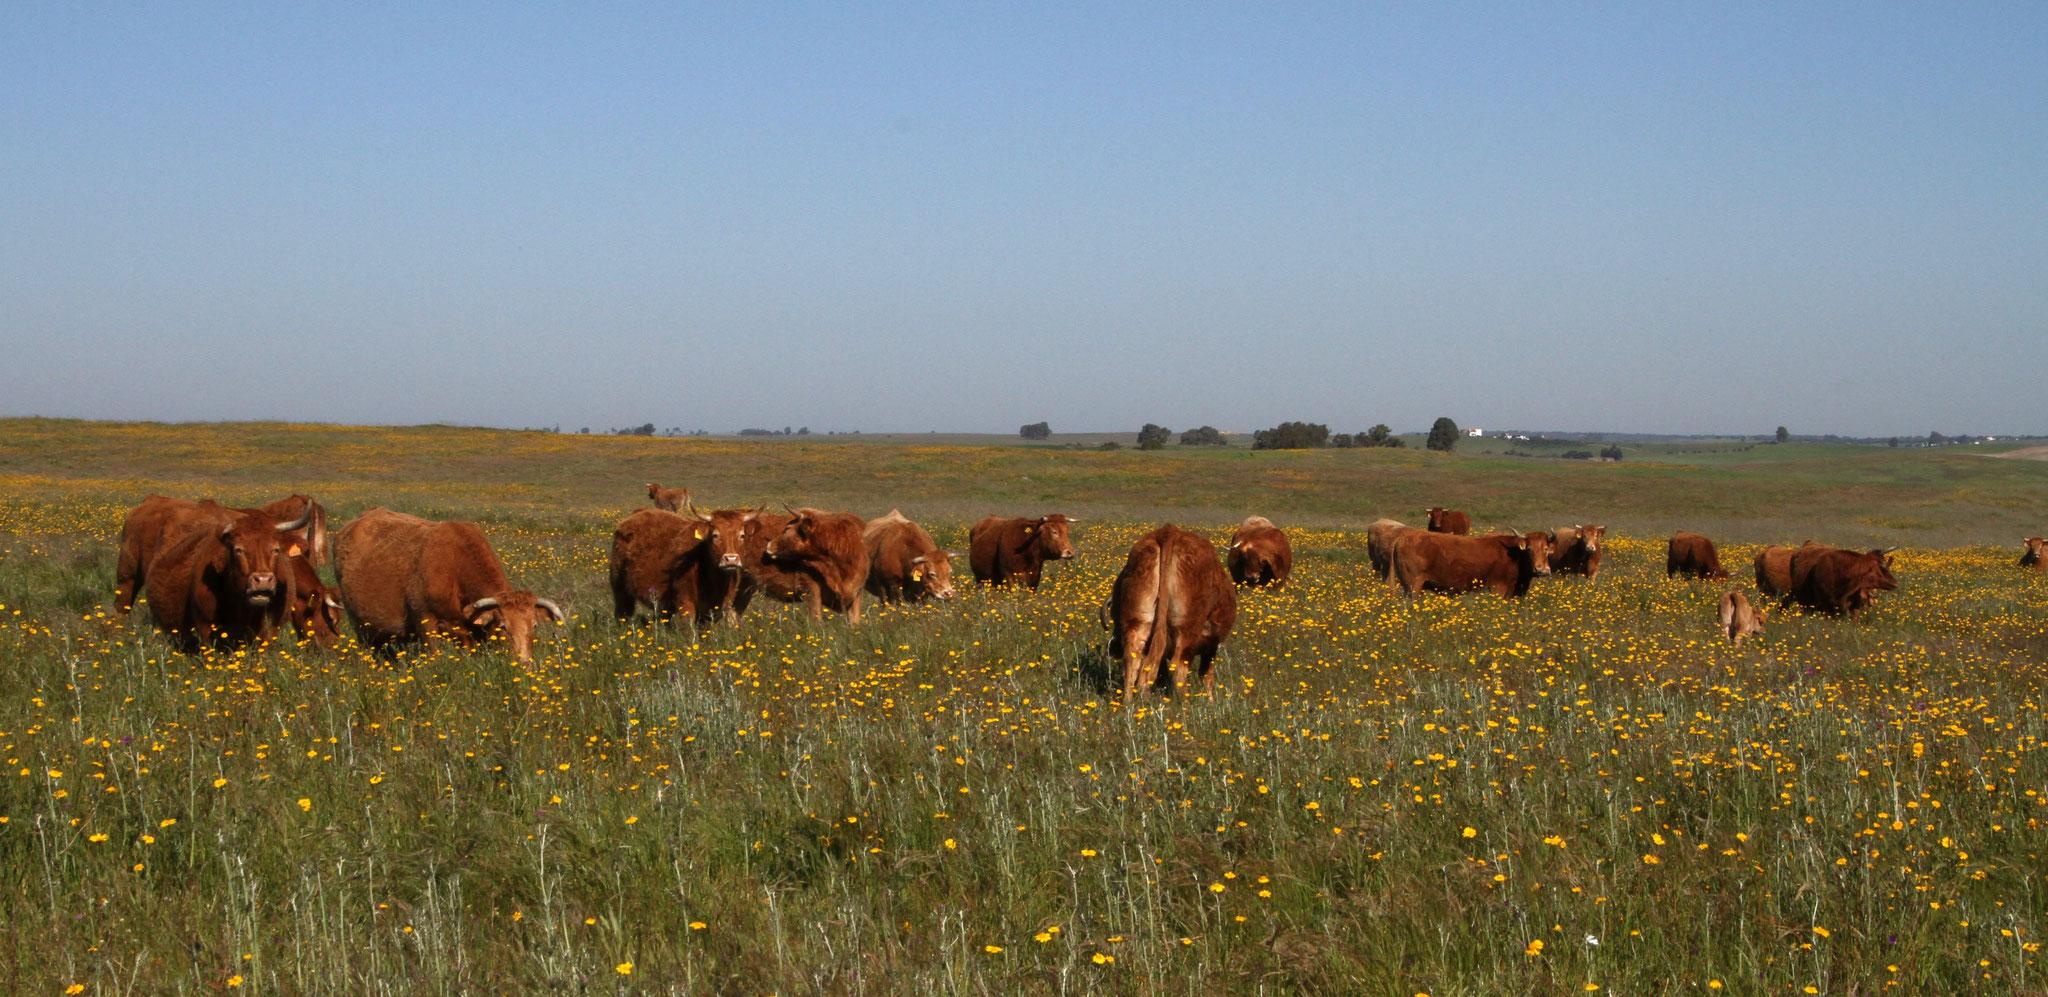 Hauptwirtschaftszweig von Monte da Aparica ist die Rinderzucht, Grasland hat es ja genügend